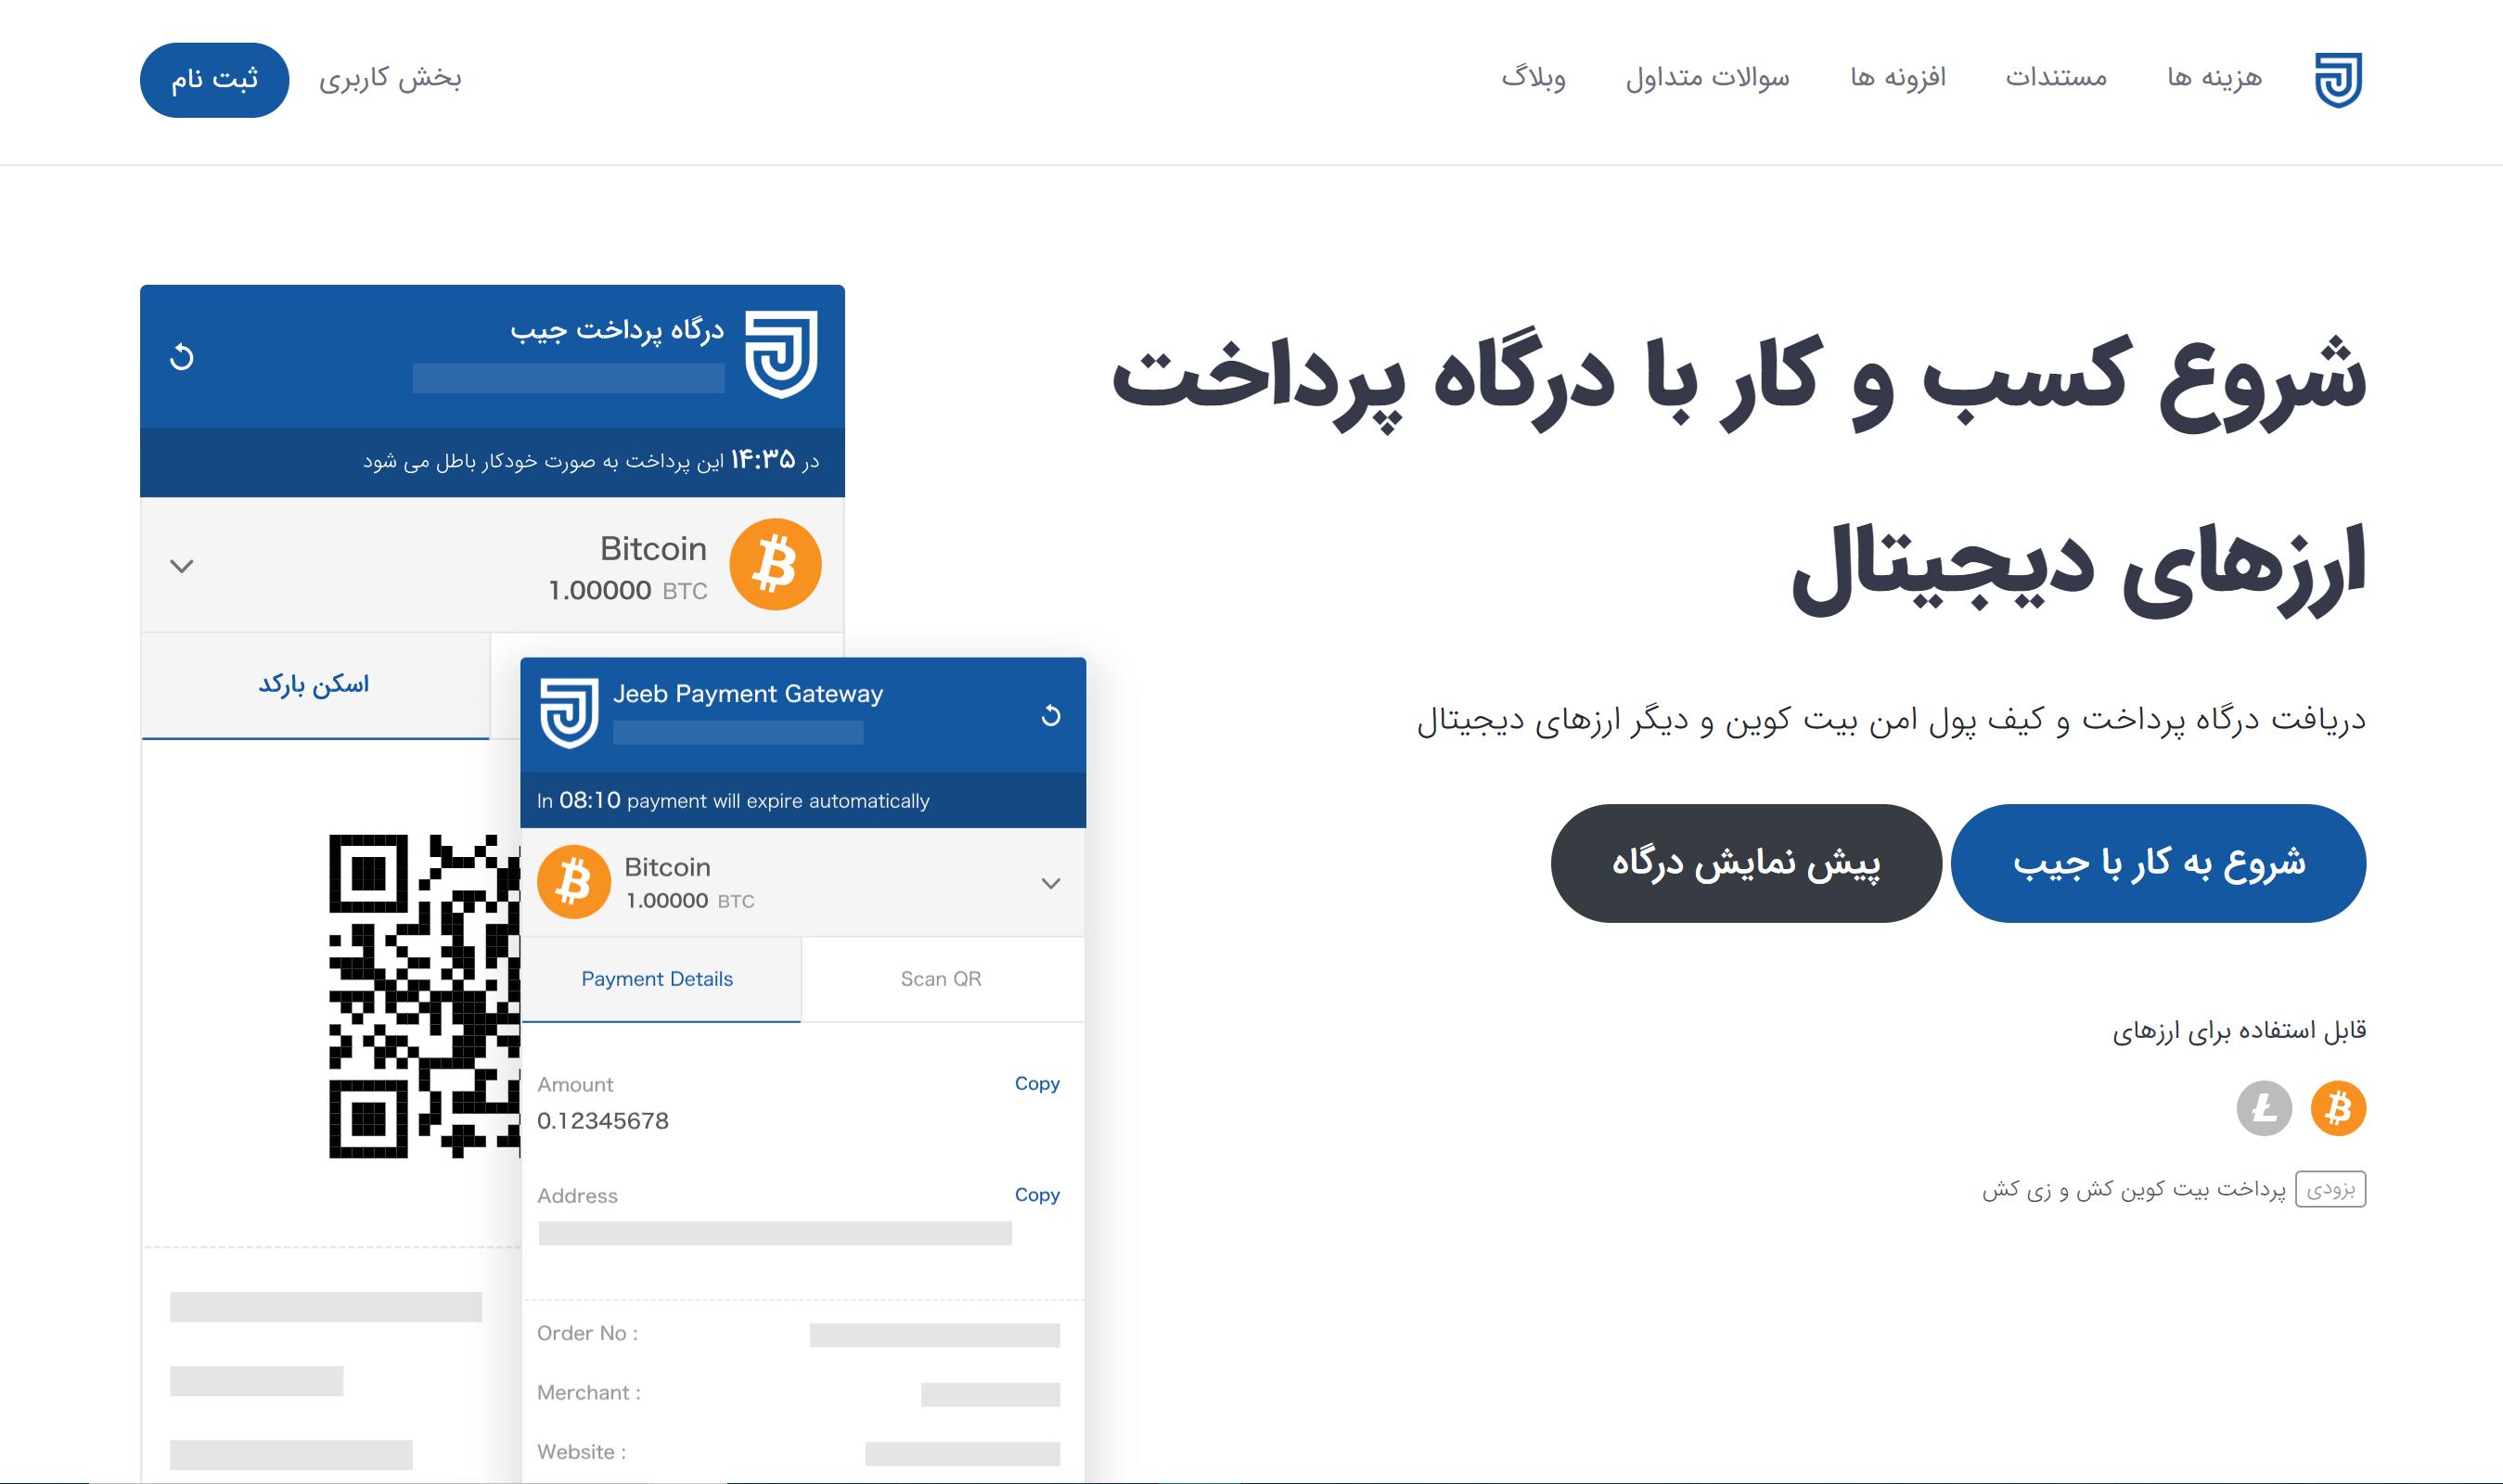 درگاه پرداخت بیت کوین برای وردپرس - ووکامرس